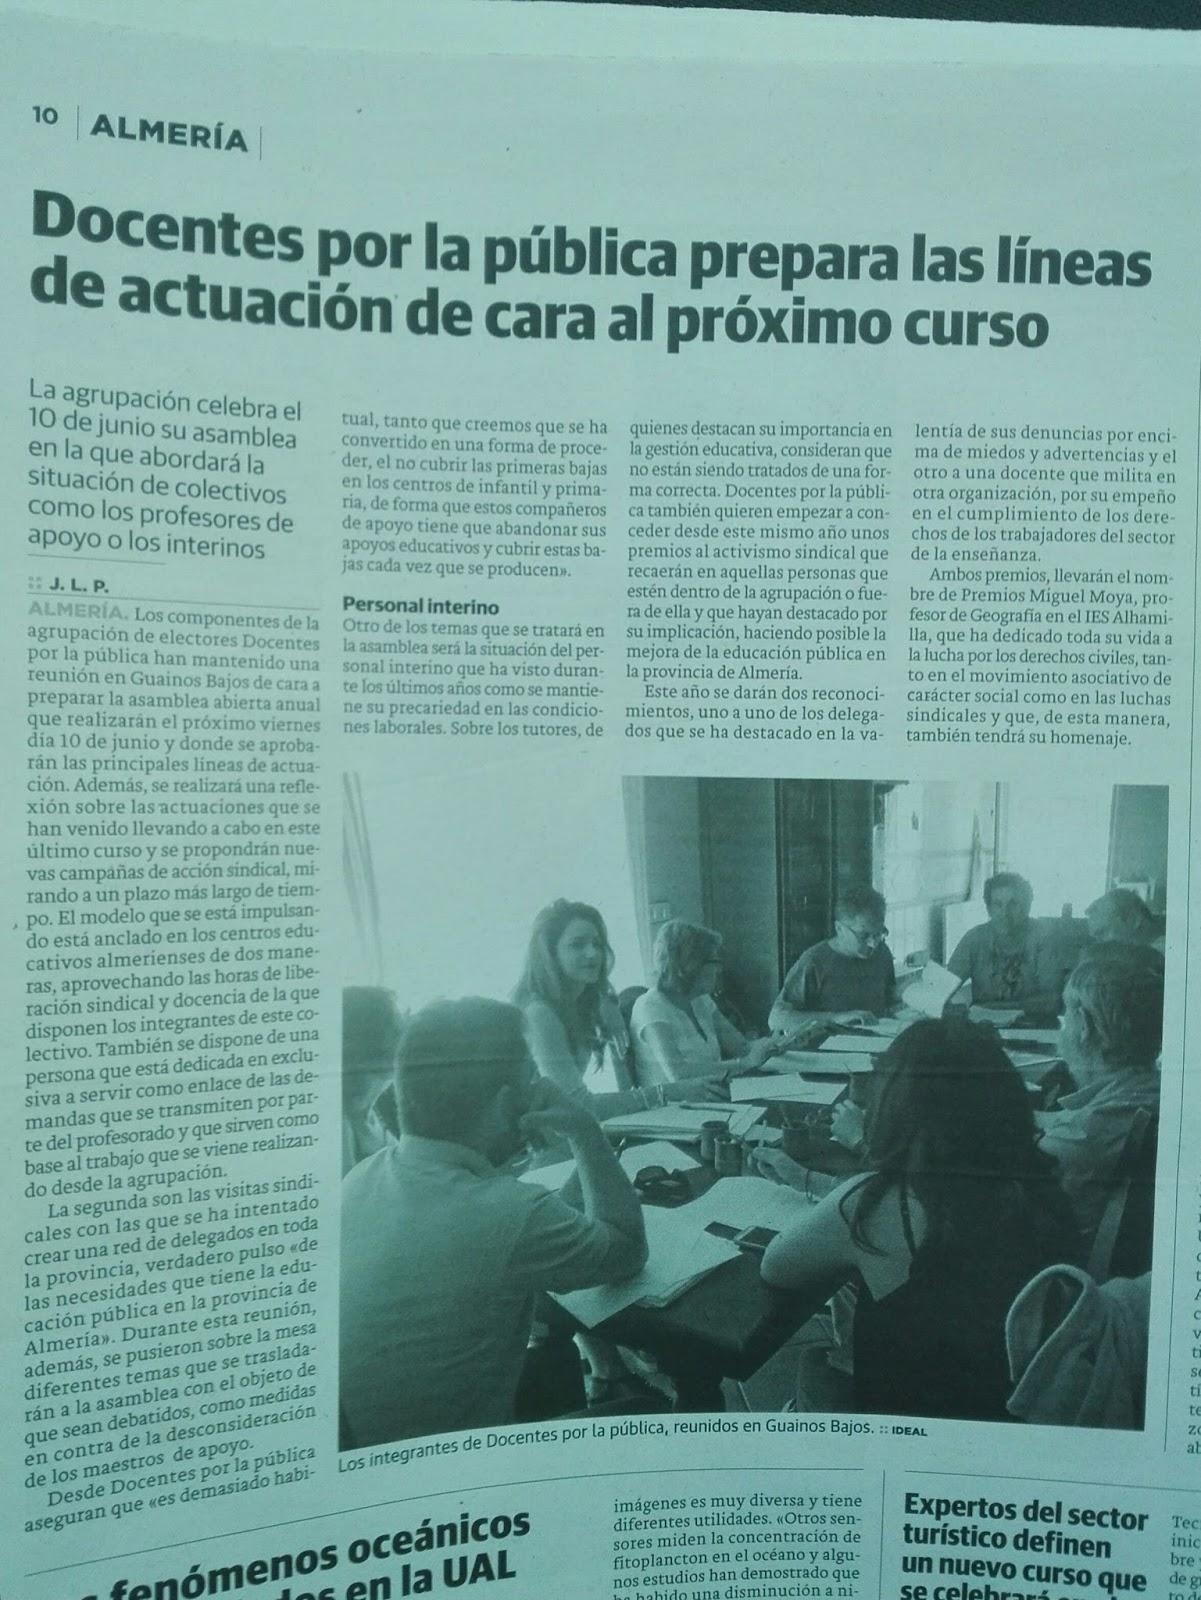 PúblicaMayo 2016 PúblicaMayo La Docentes La X X Docentes 80NPOknXw